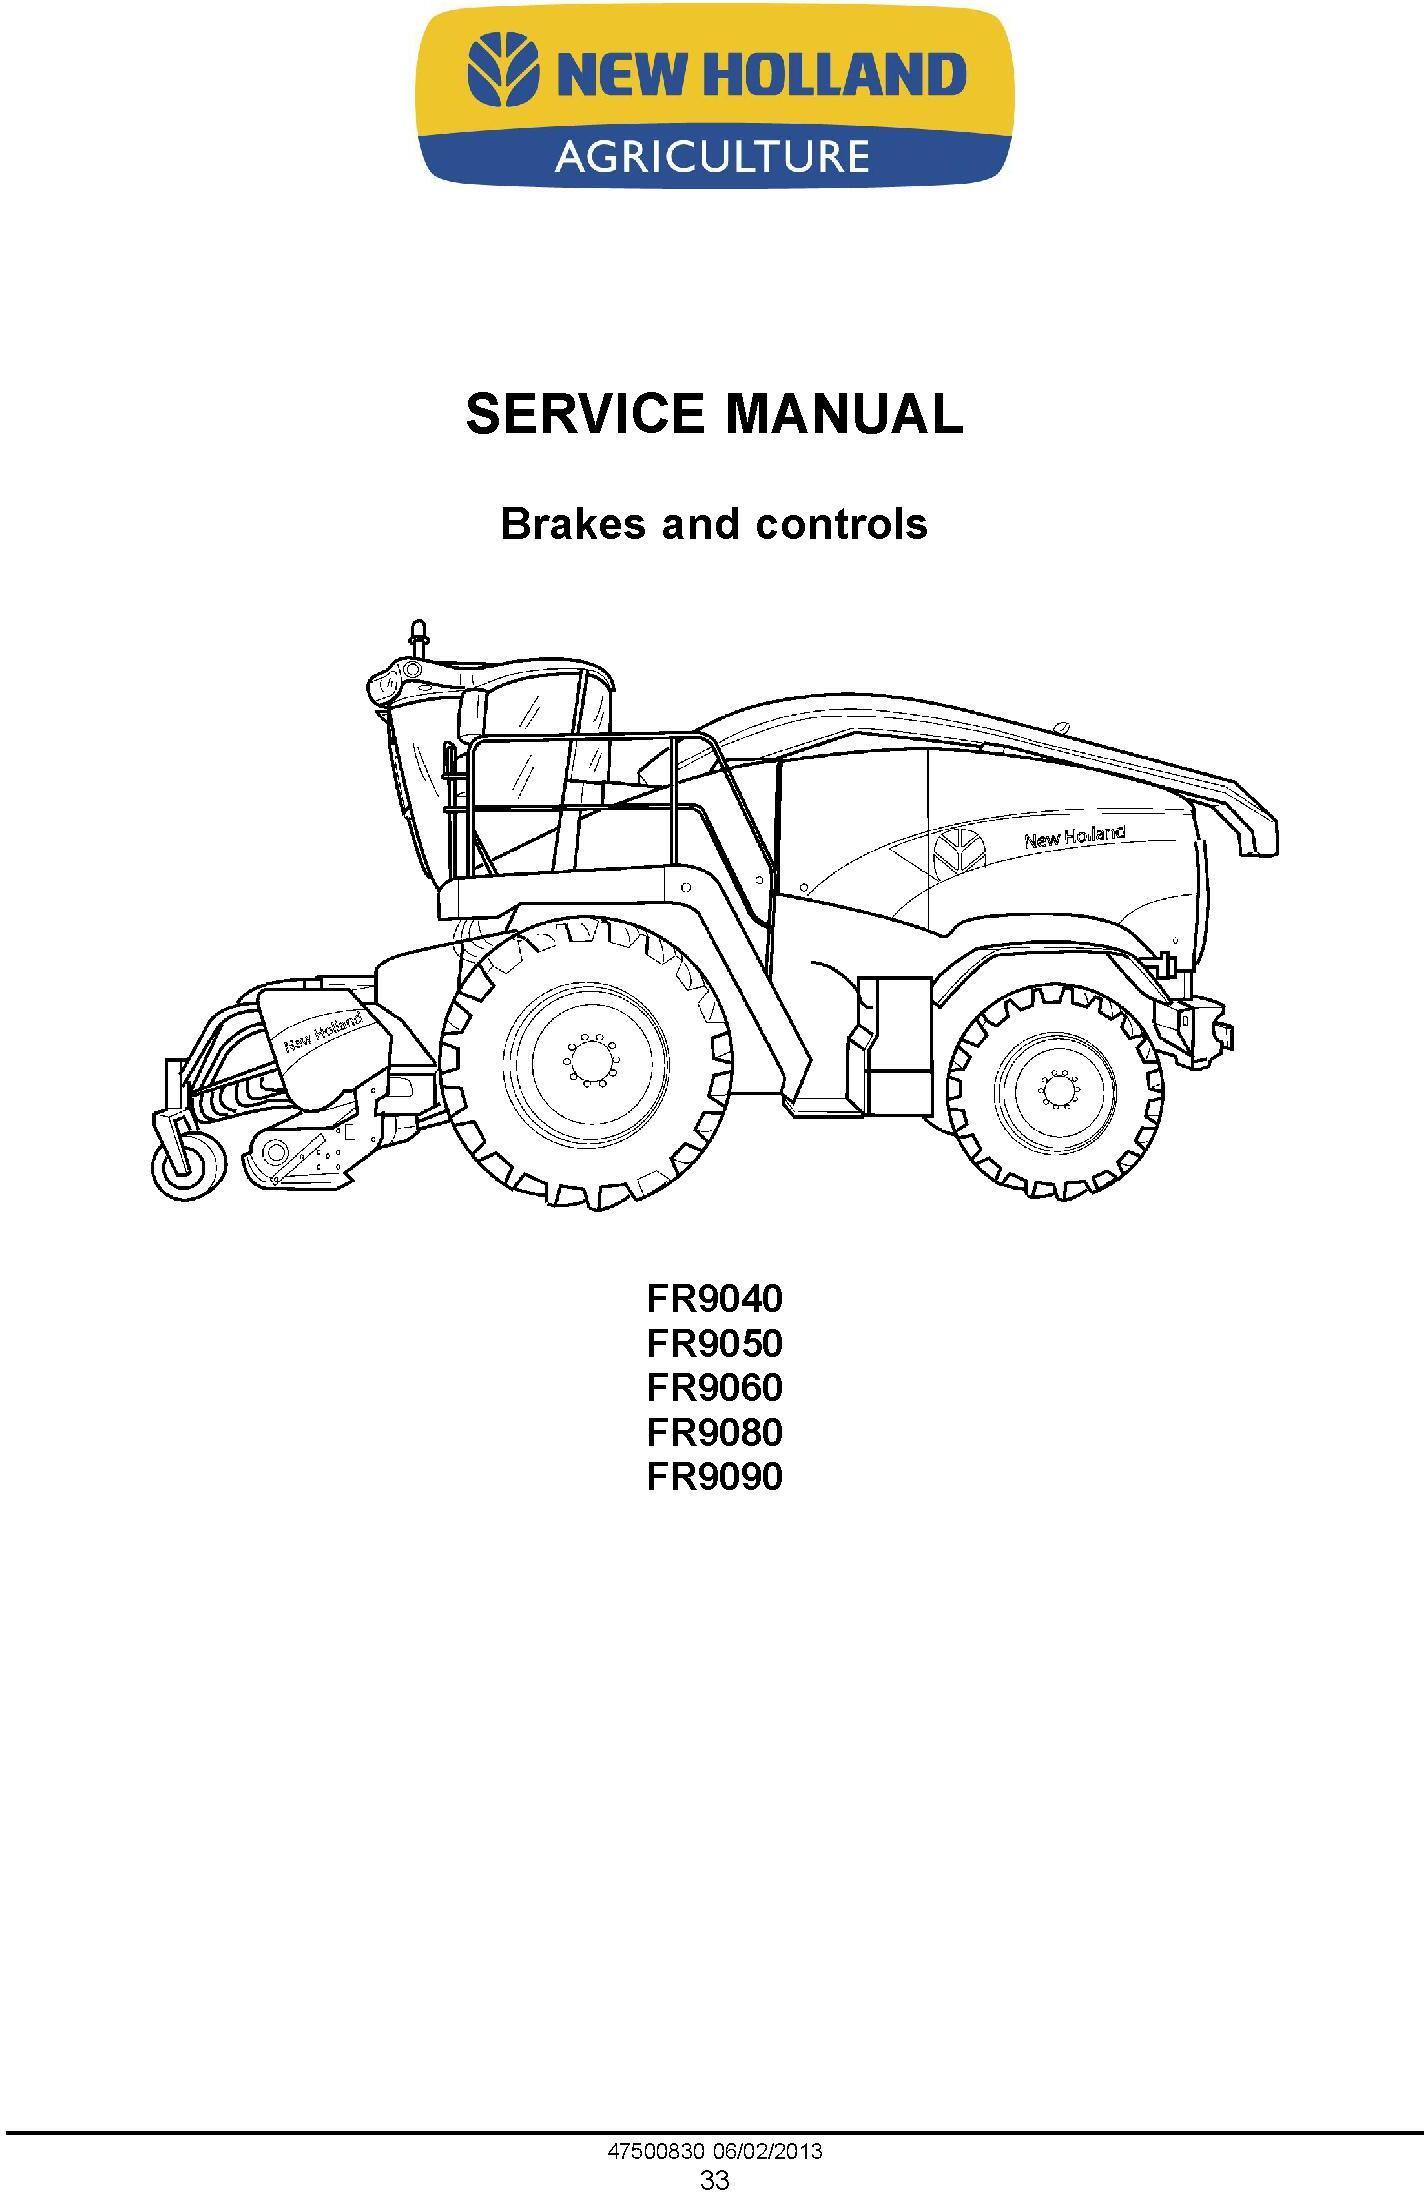 New Holland FR9040, FR9050, FR9060, FR9080, FR9090 Forage Harvester Complete Service Manual - 1